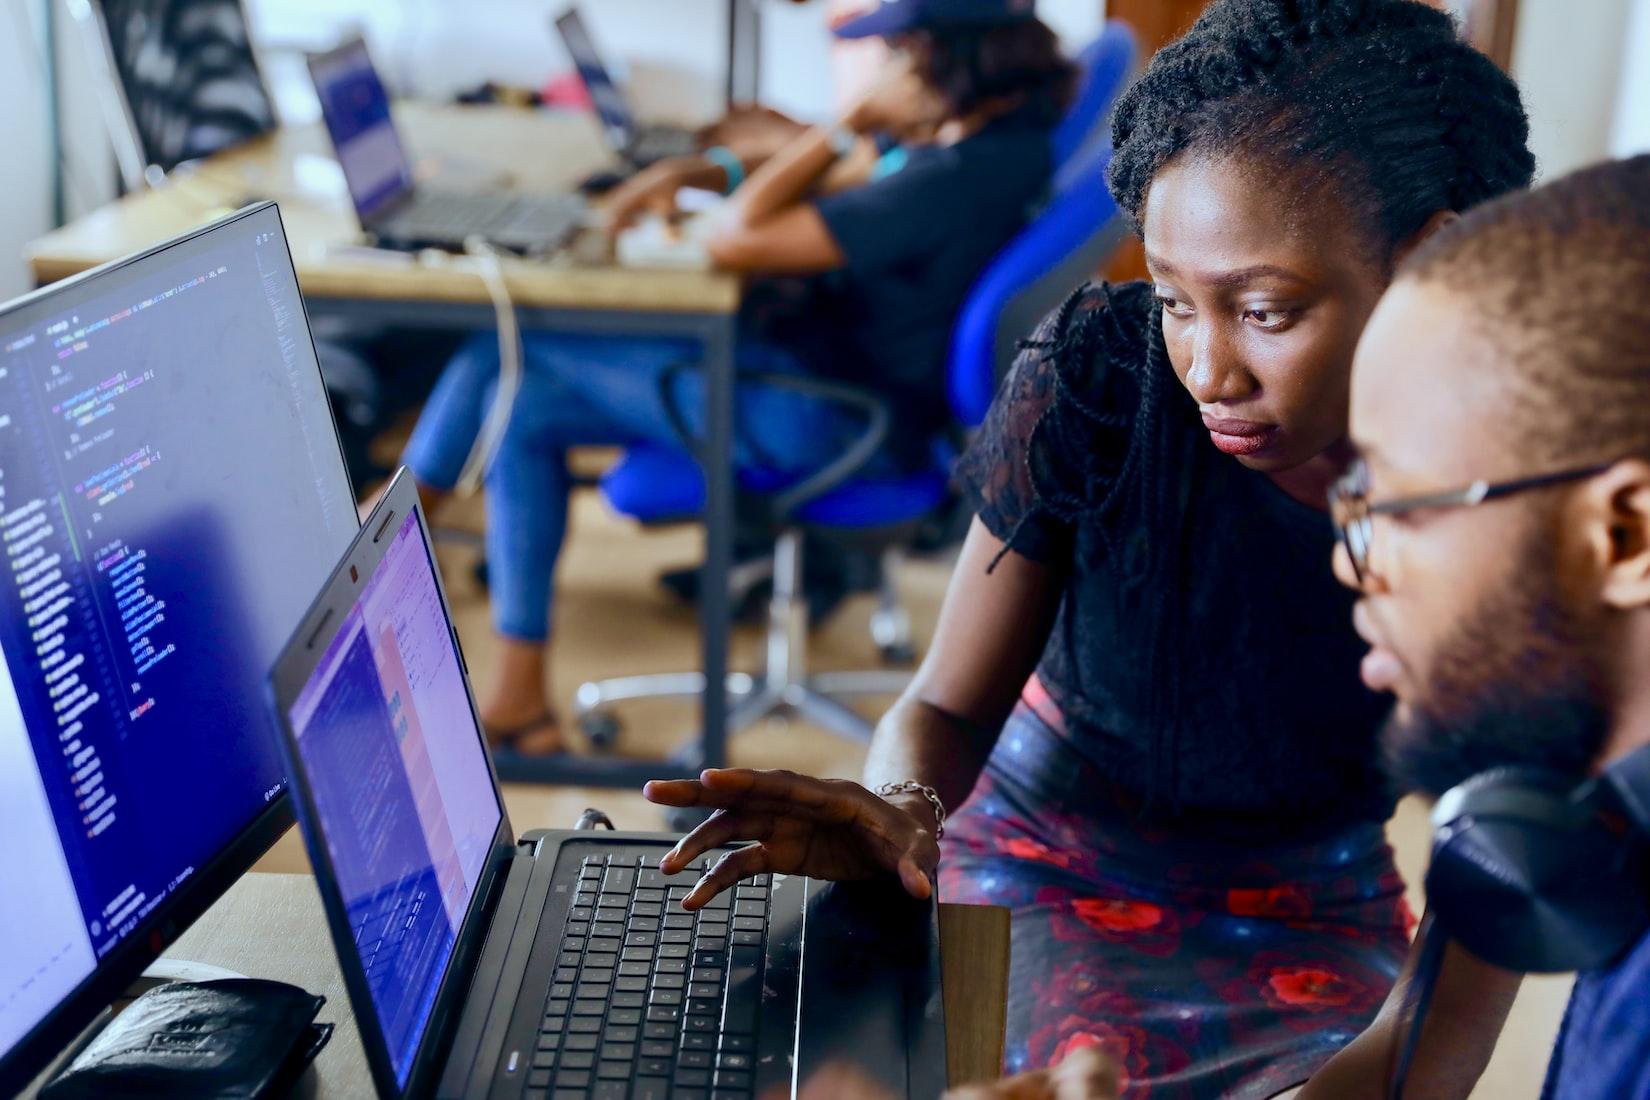 Deux personnes derrière un ordinateur